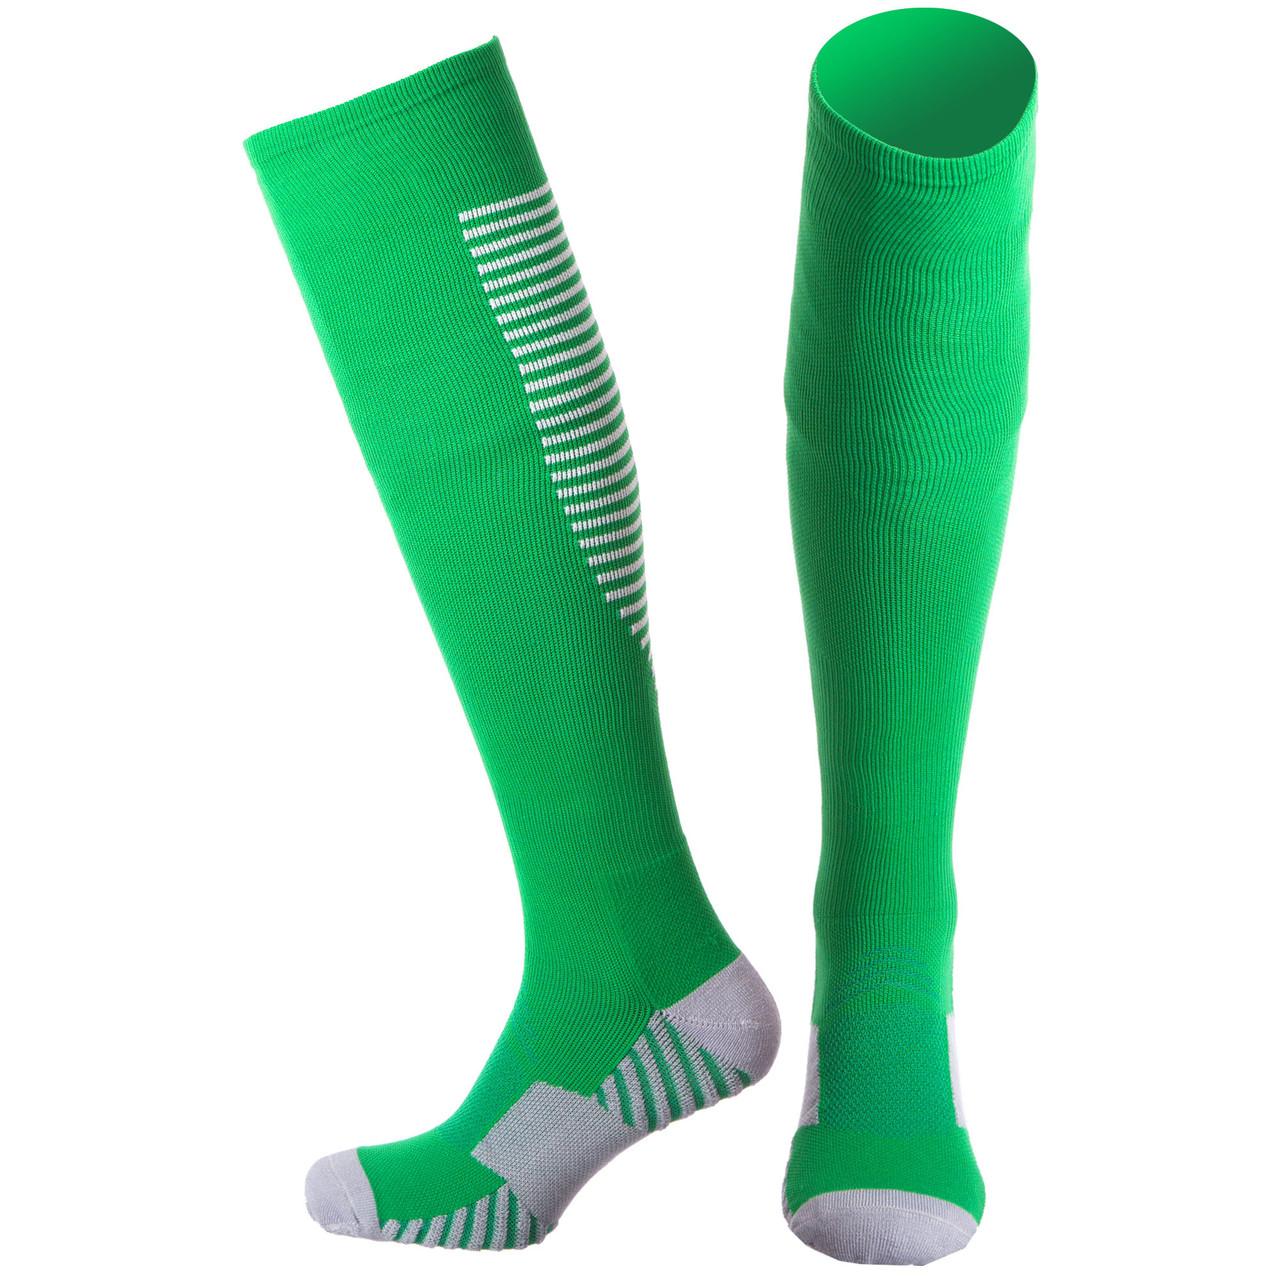 Гетры мужские спортивные р.40-45 JCM655, Зеленый-серый